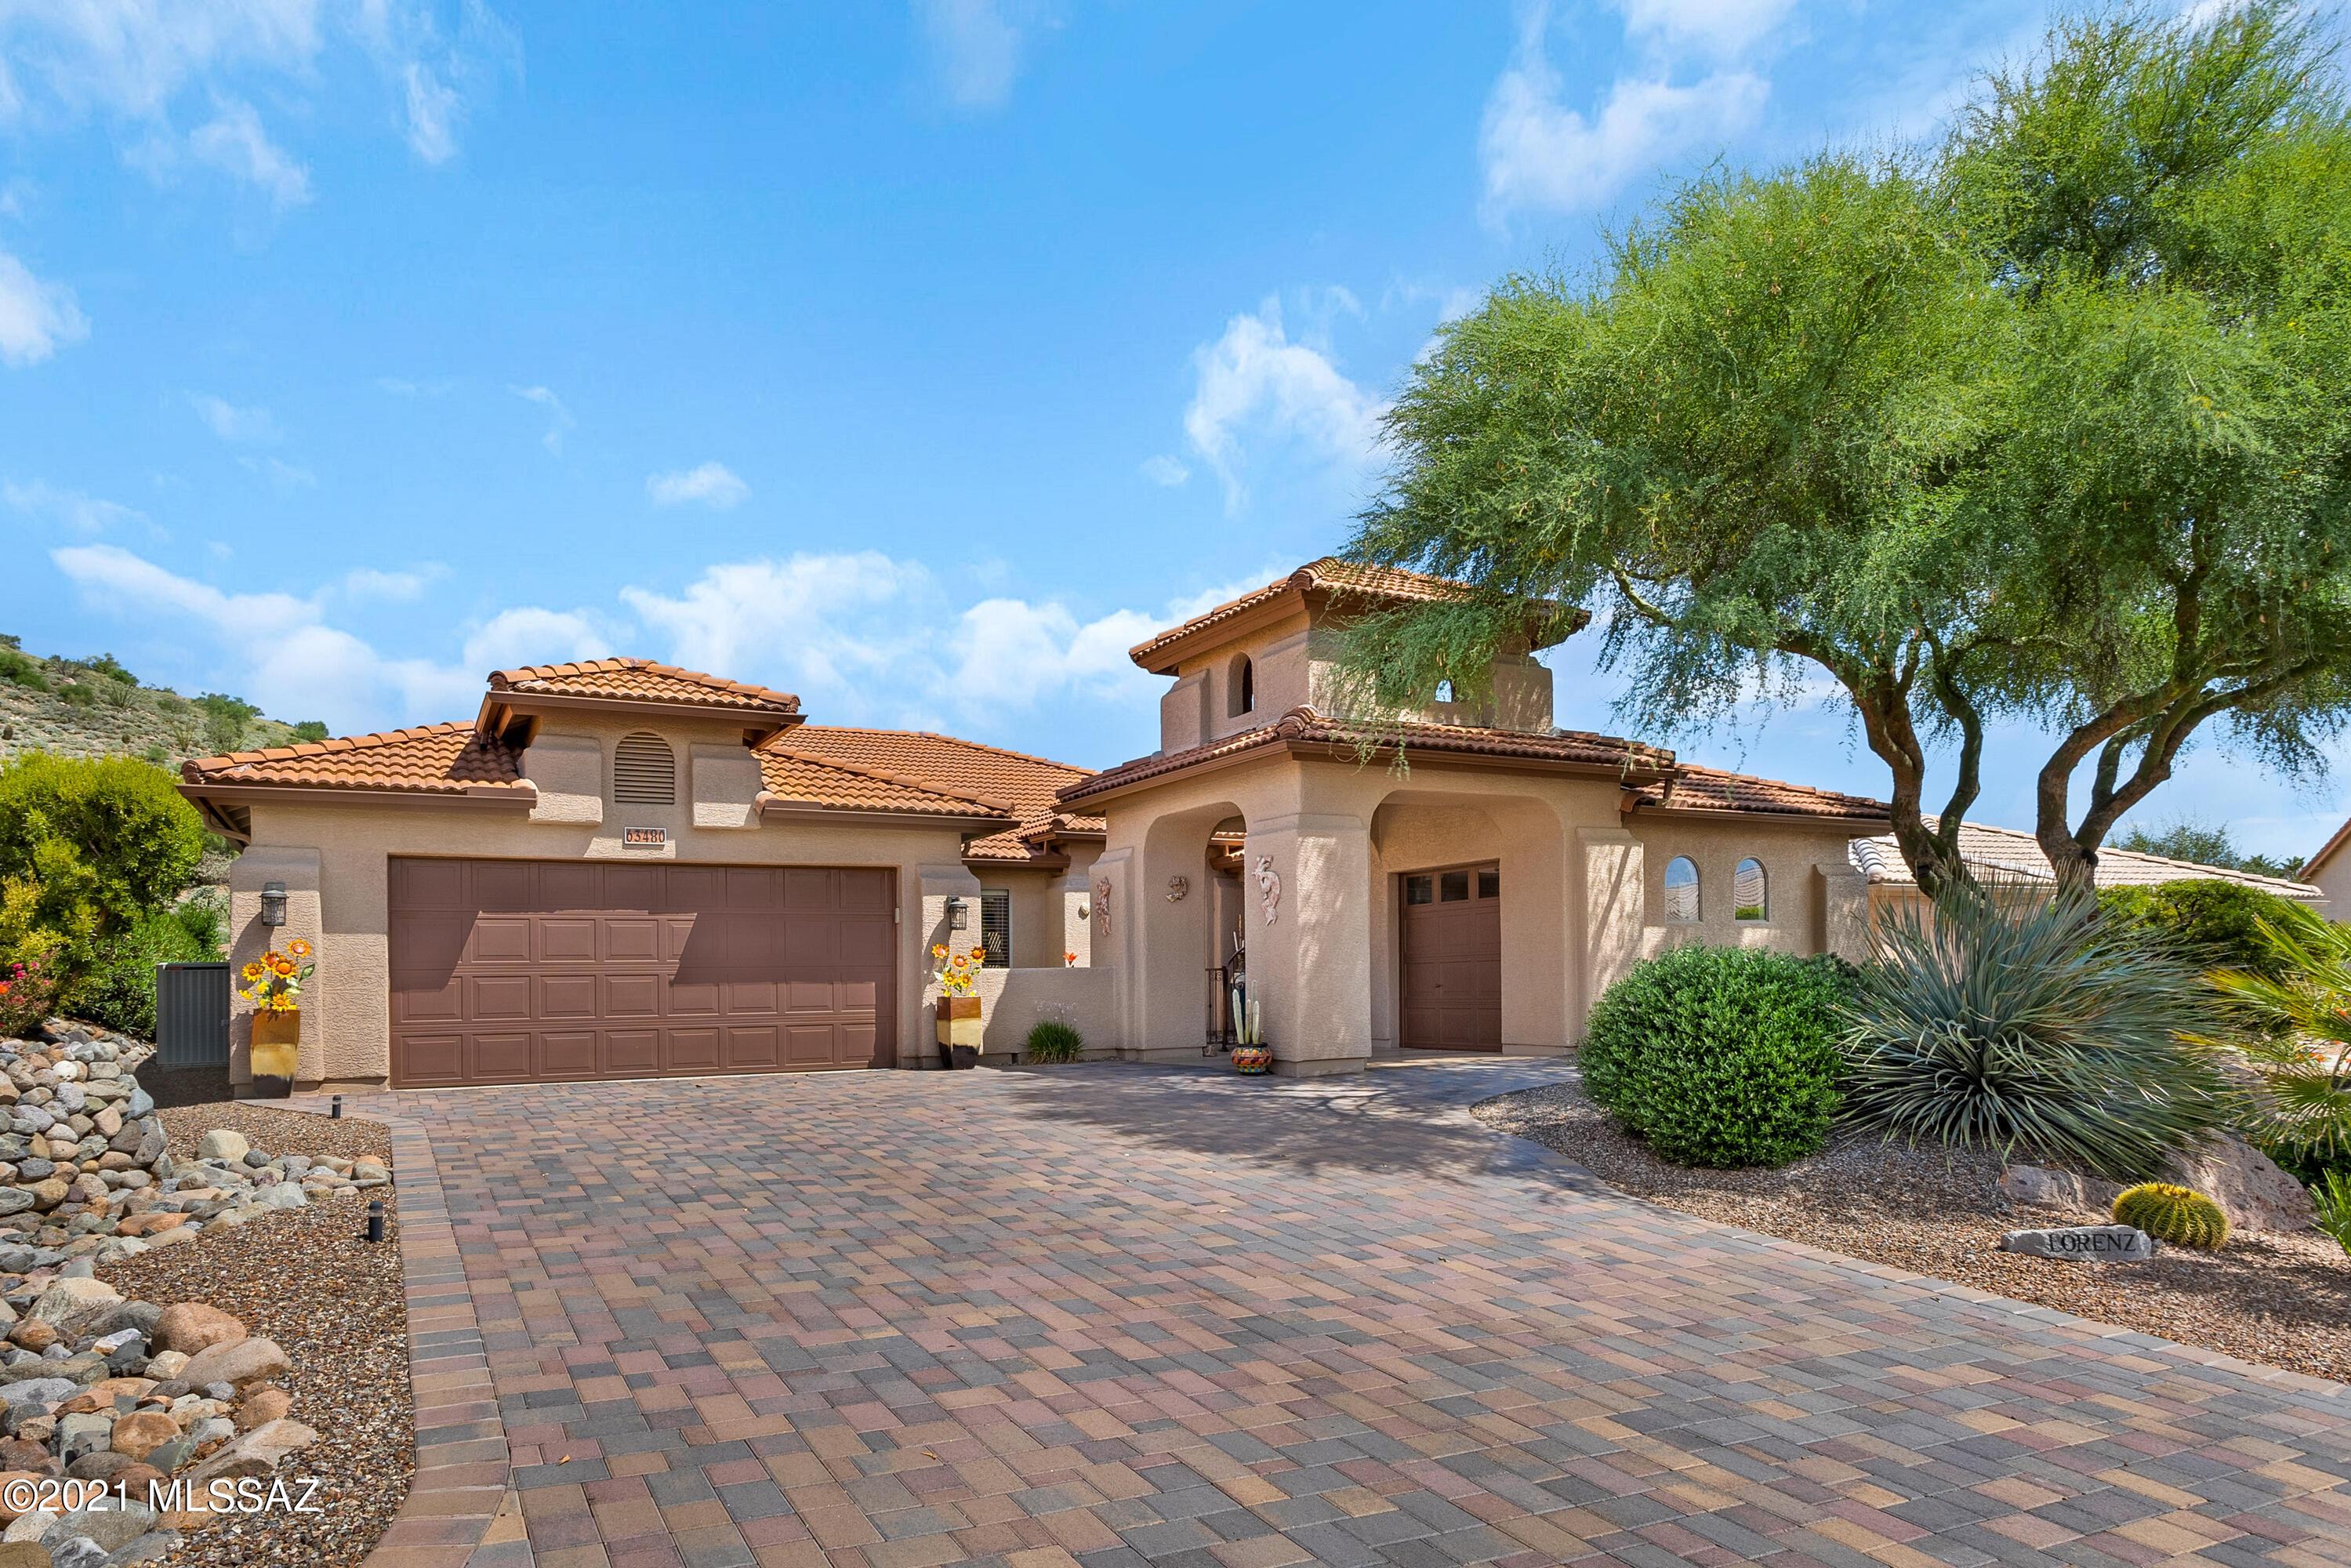 Photo of 63480 E Whispering Tree Lane, Saddlebrooke, AZ 85739